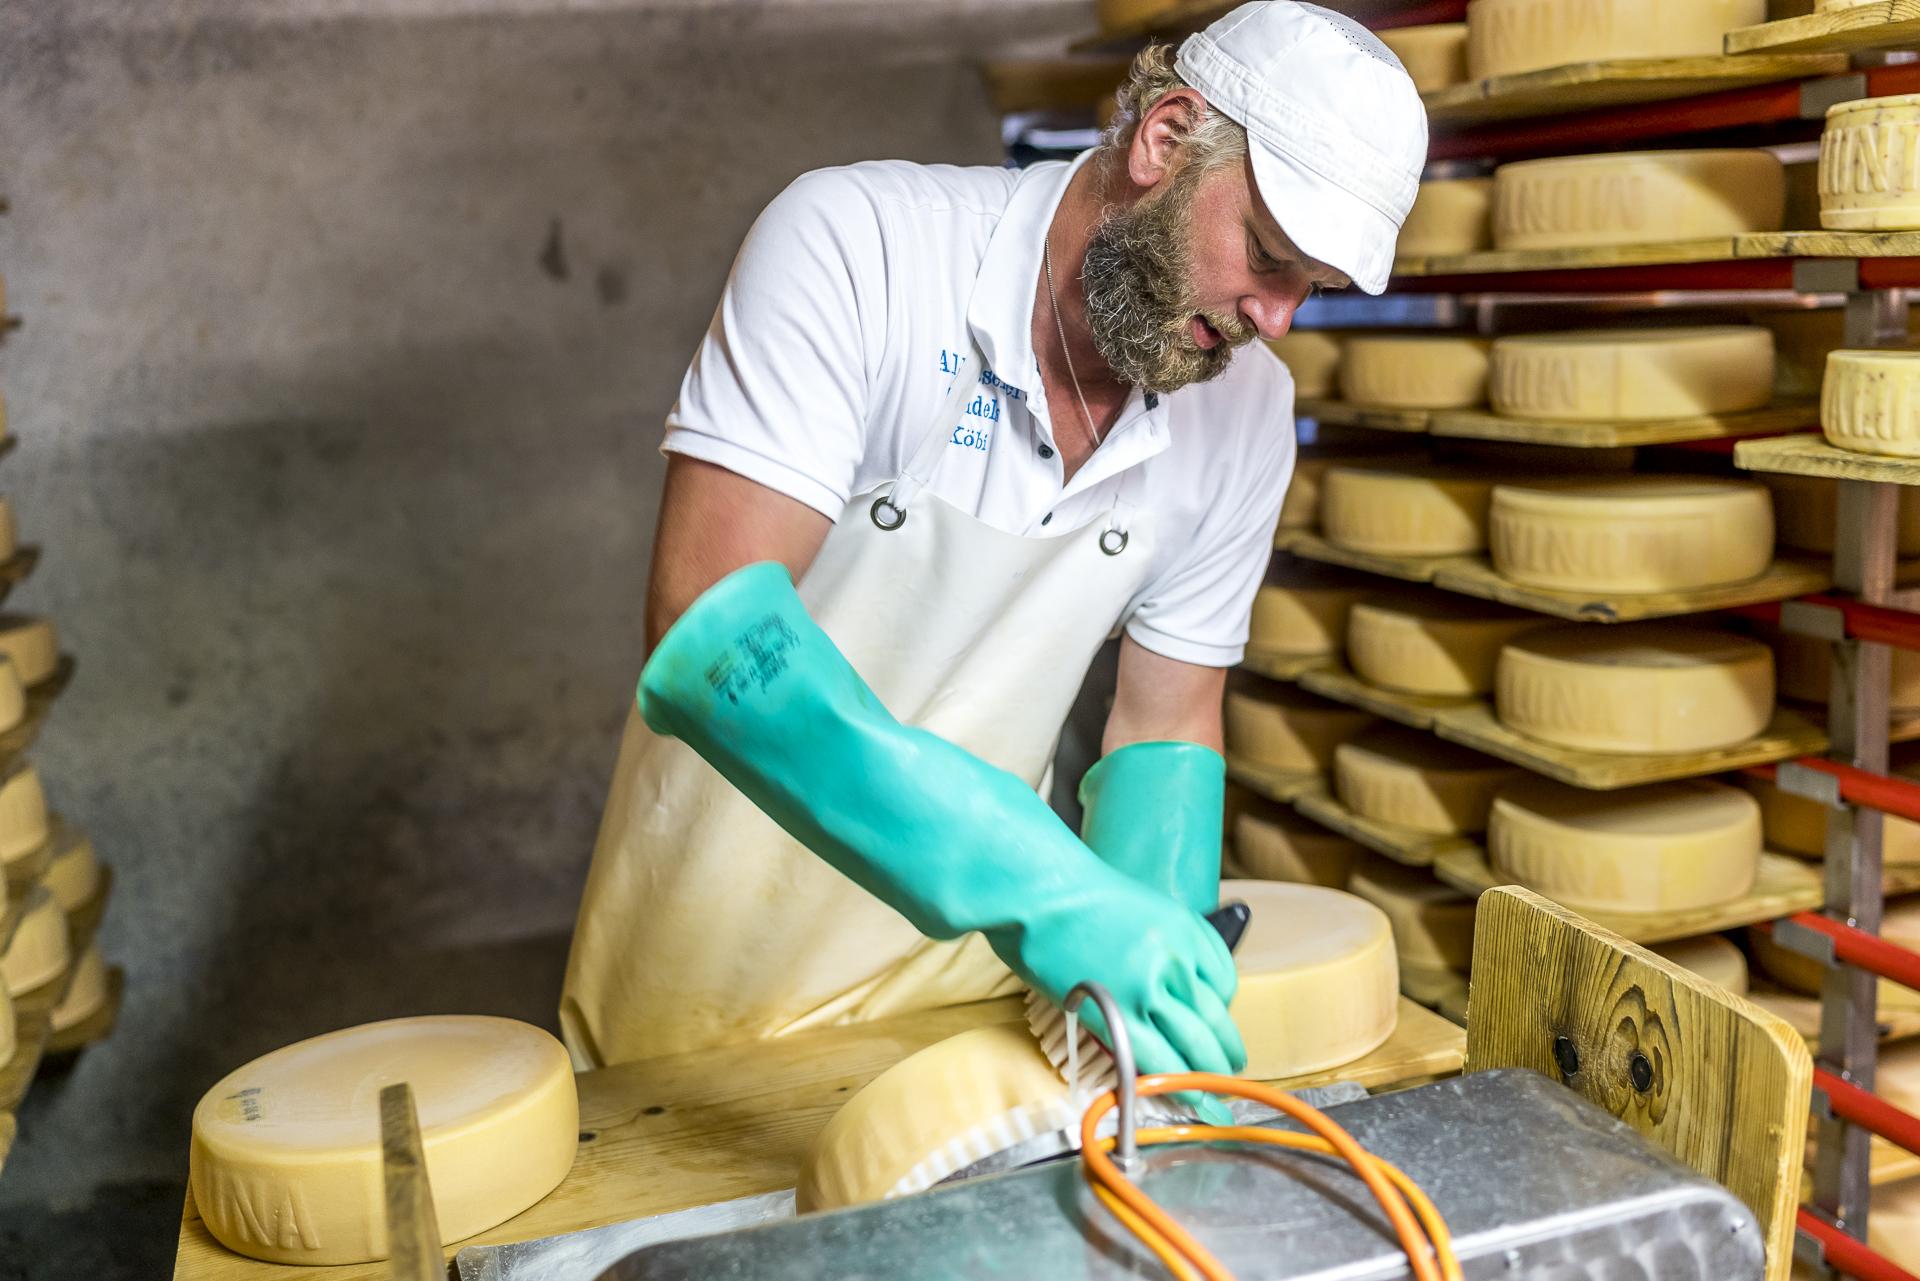 Tägliches Käse schmieren